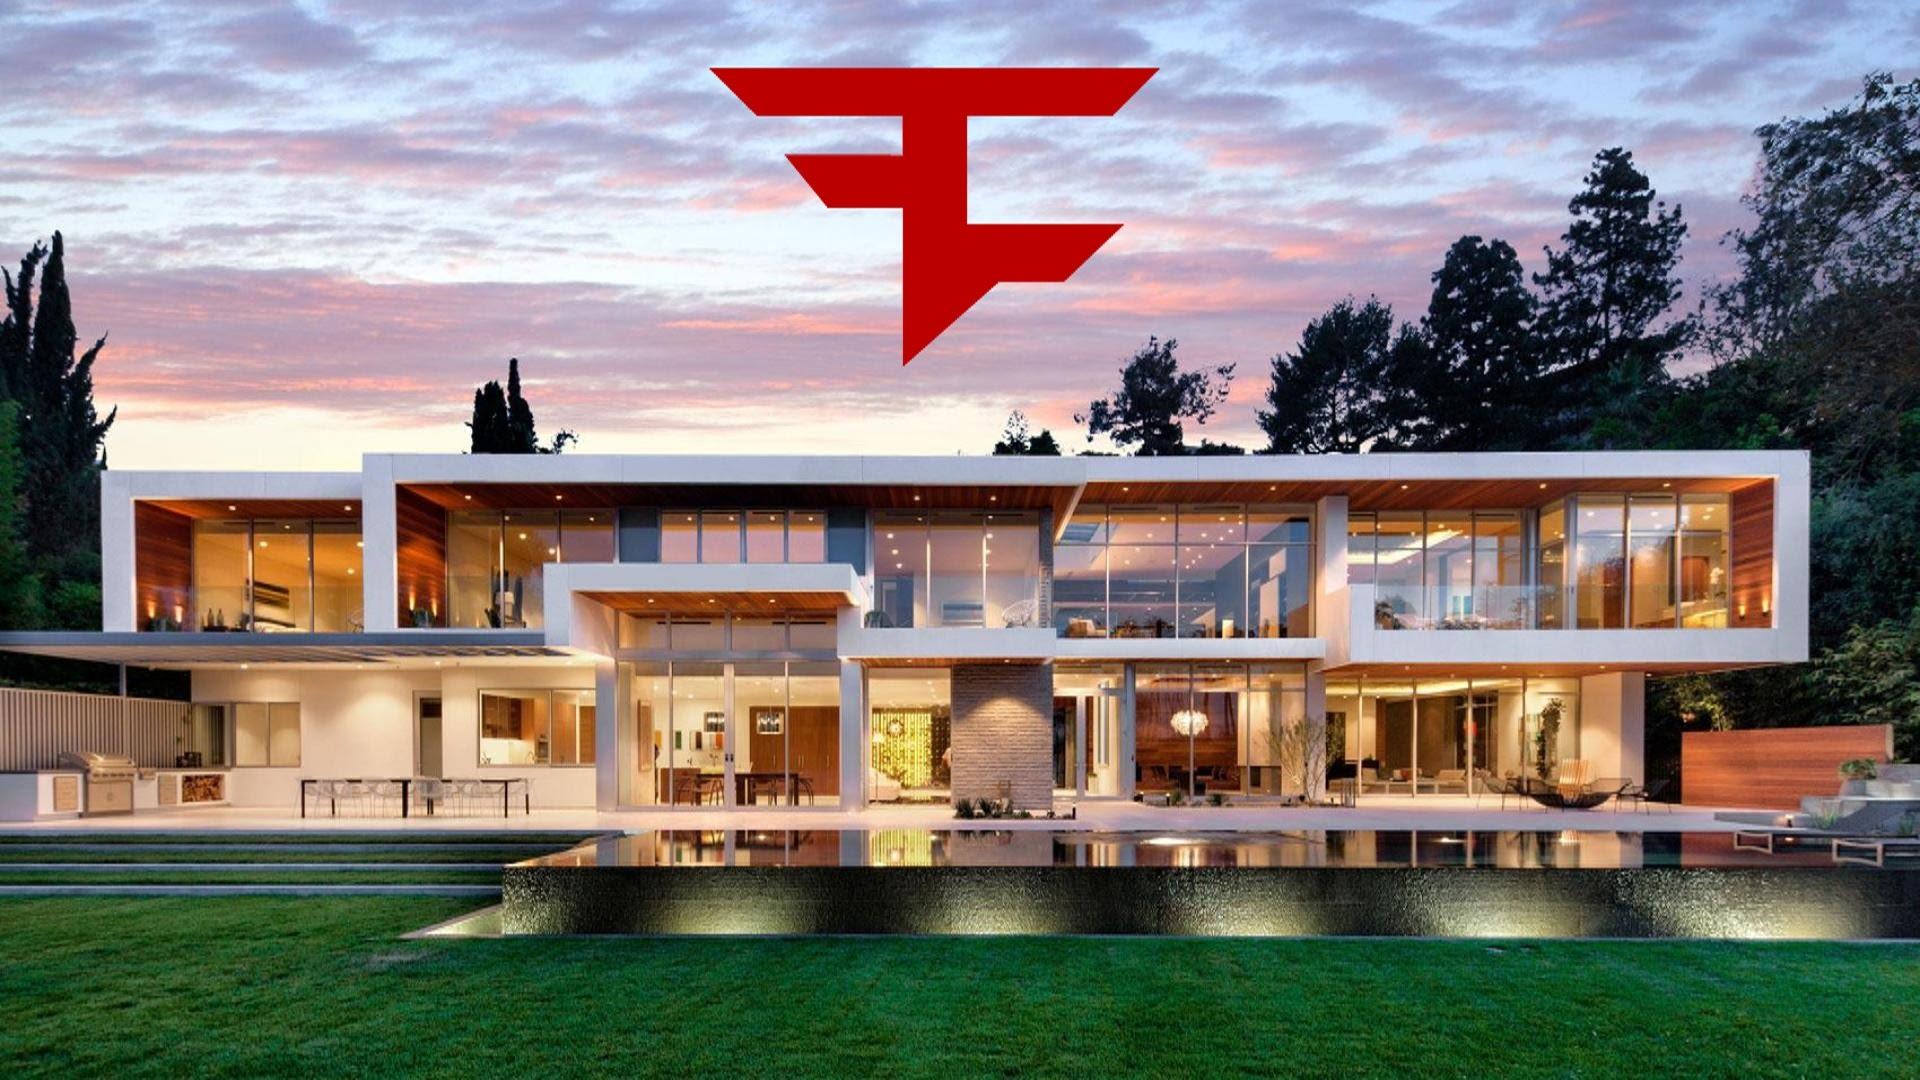 FaZe House